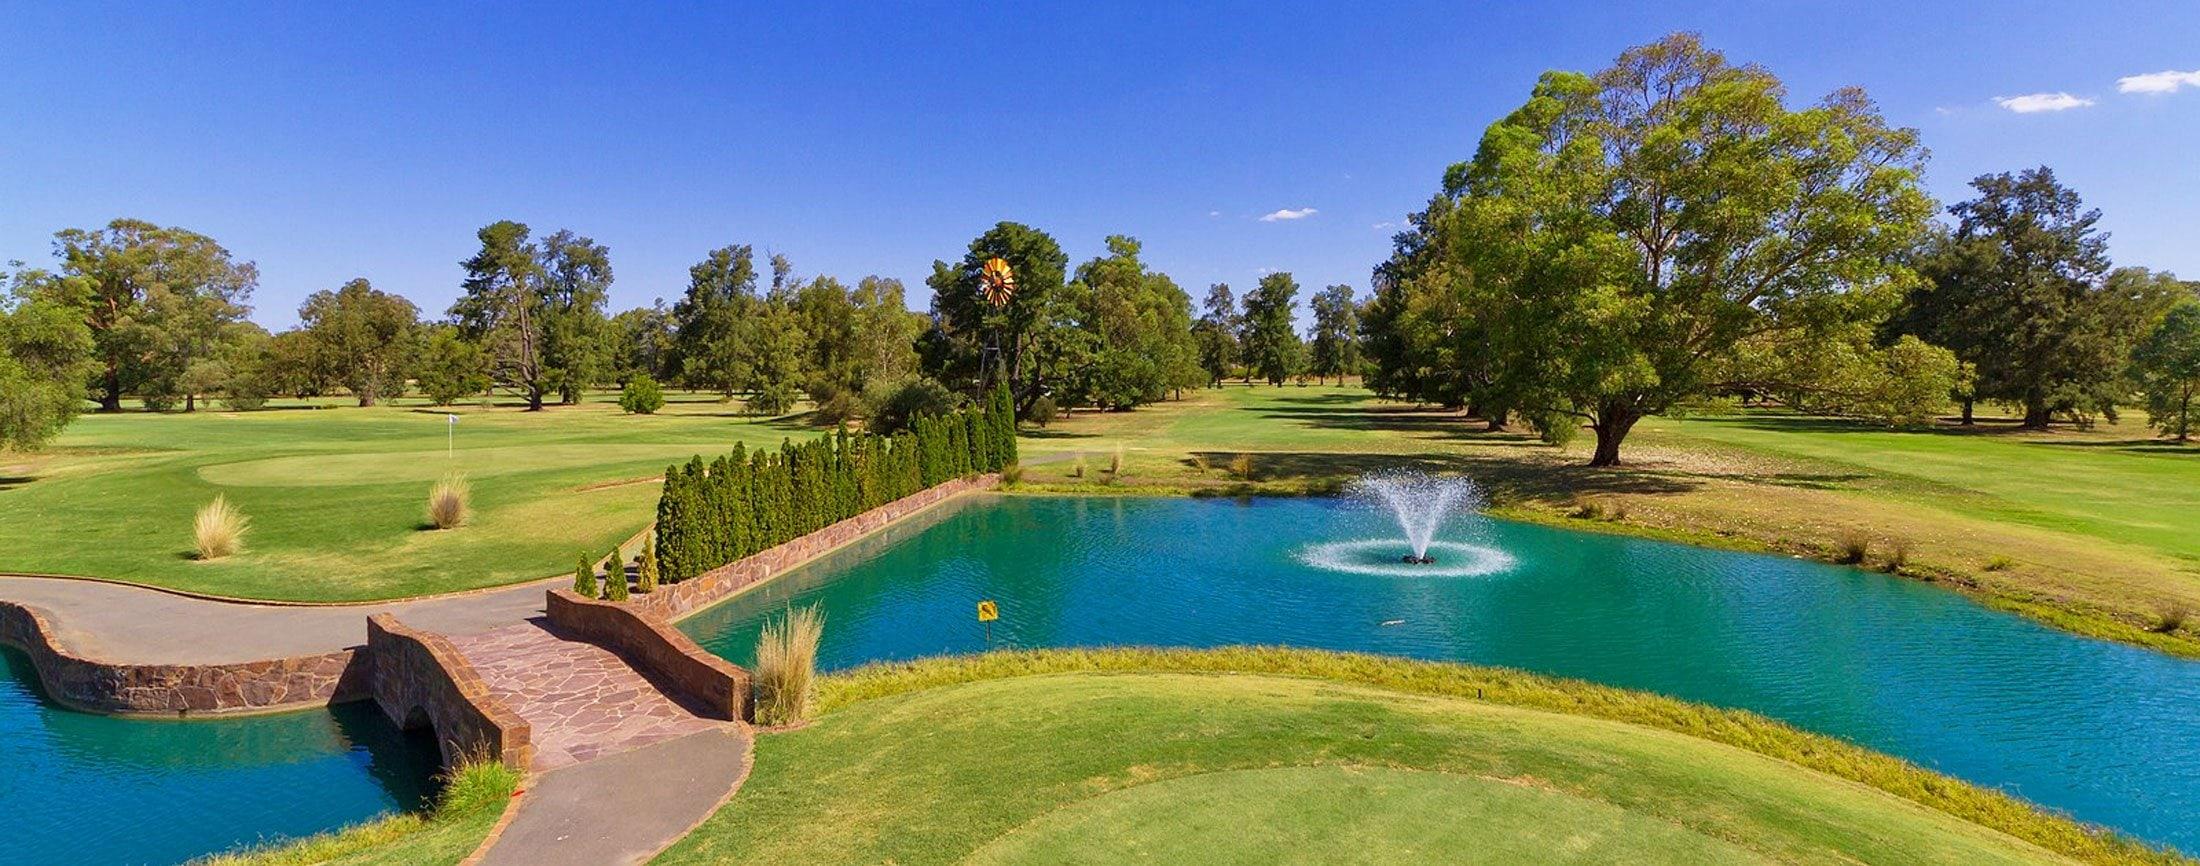 Howlong Golf Course